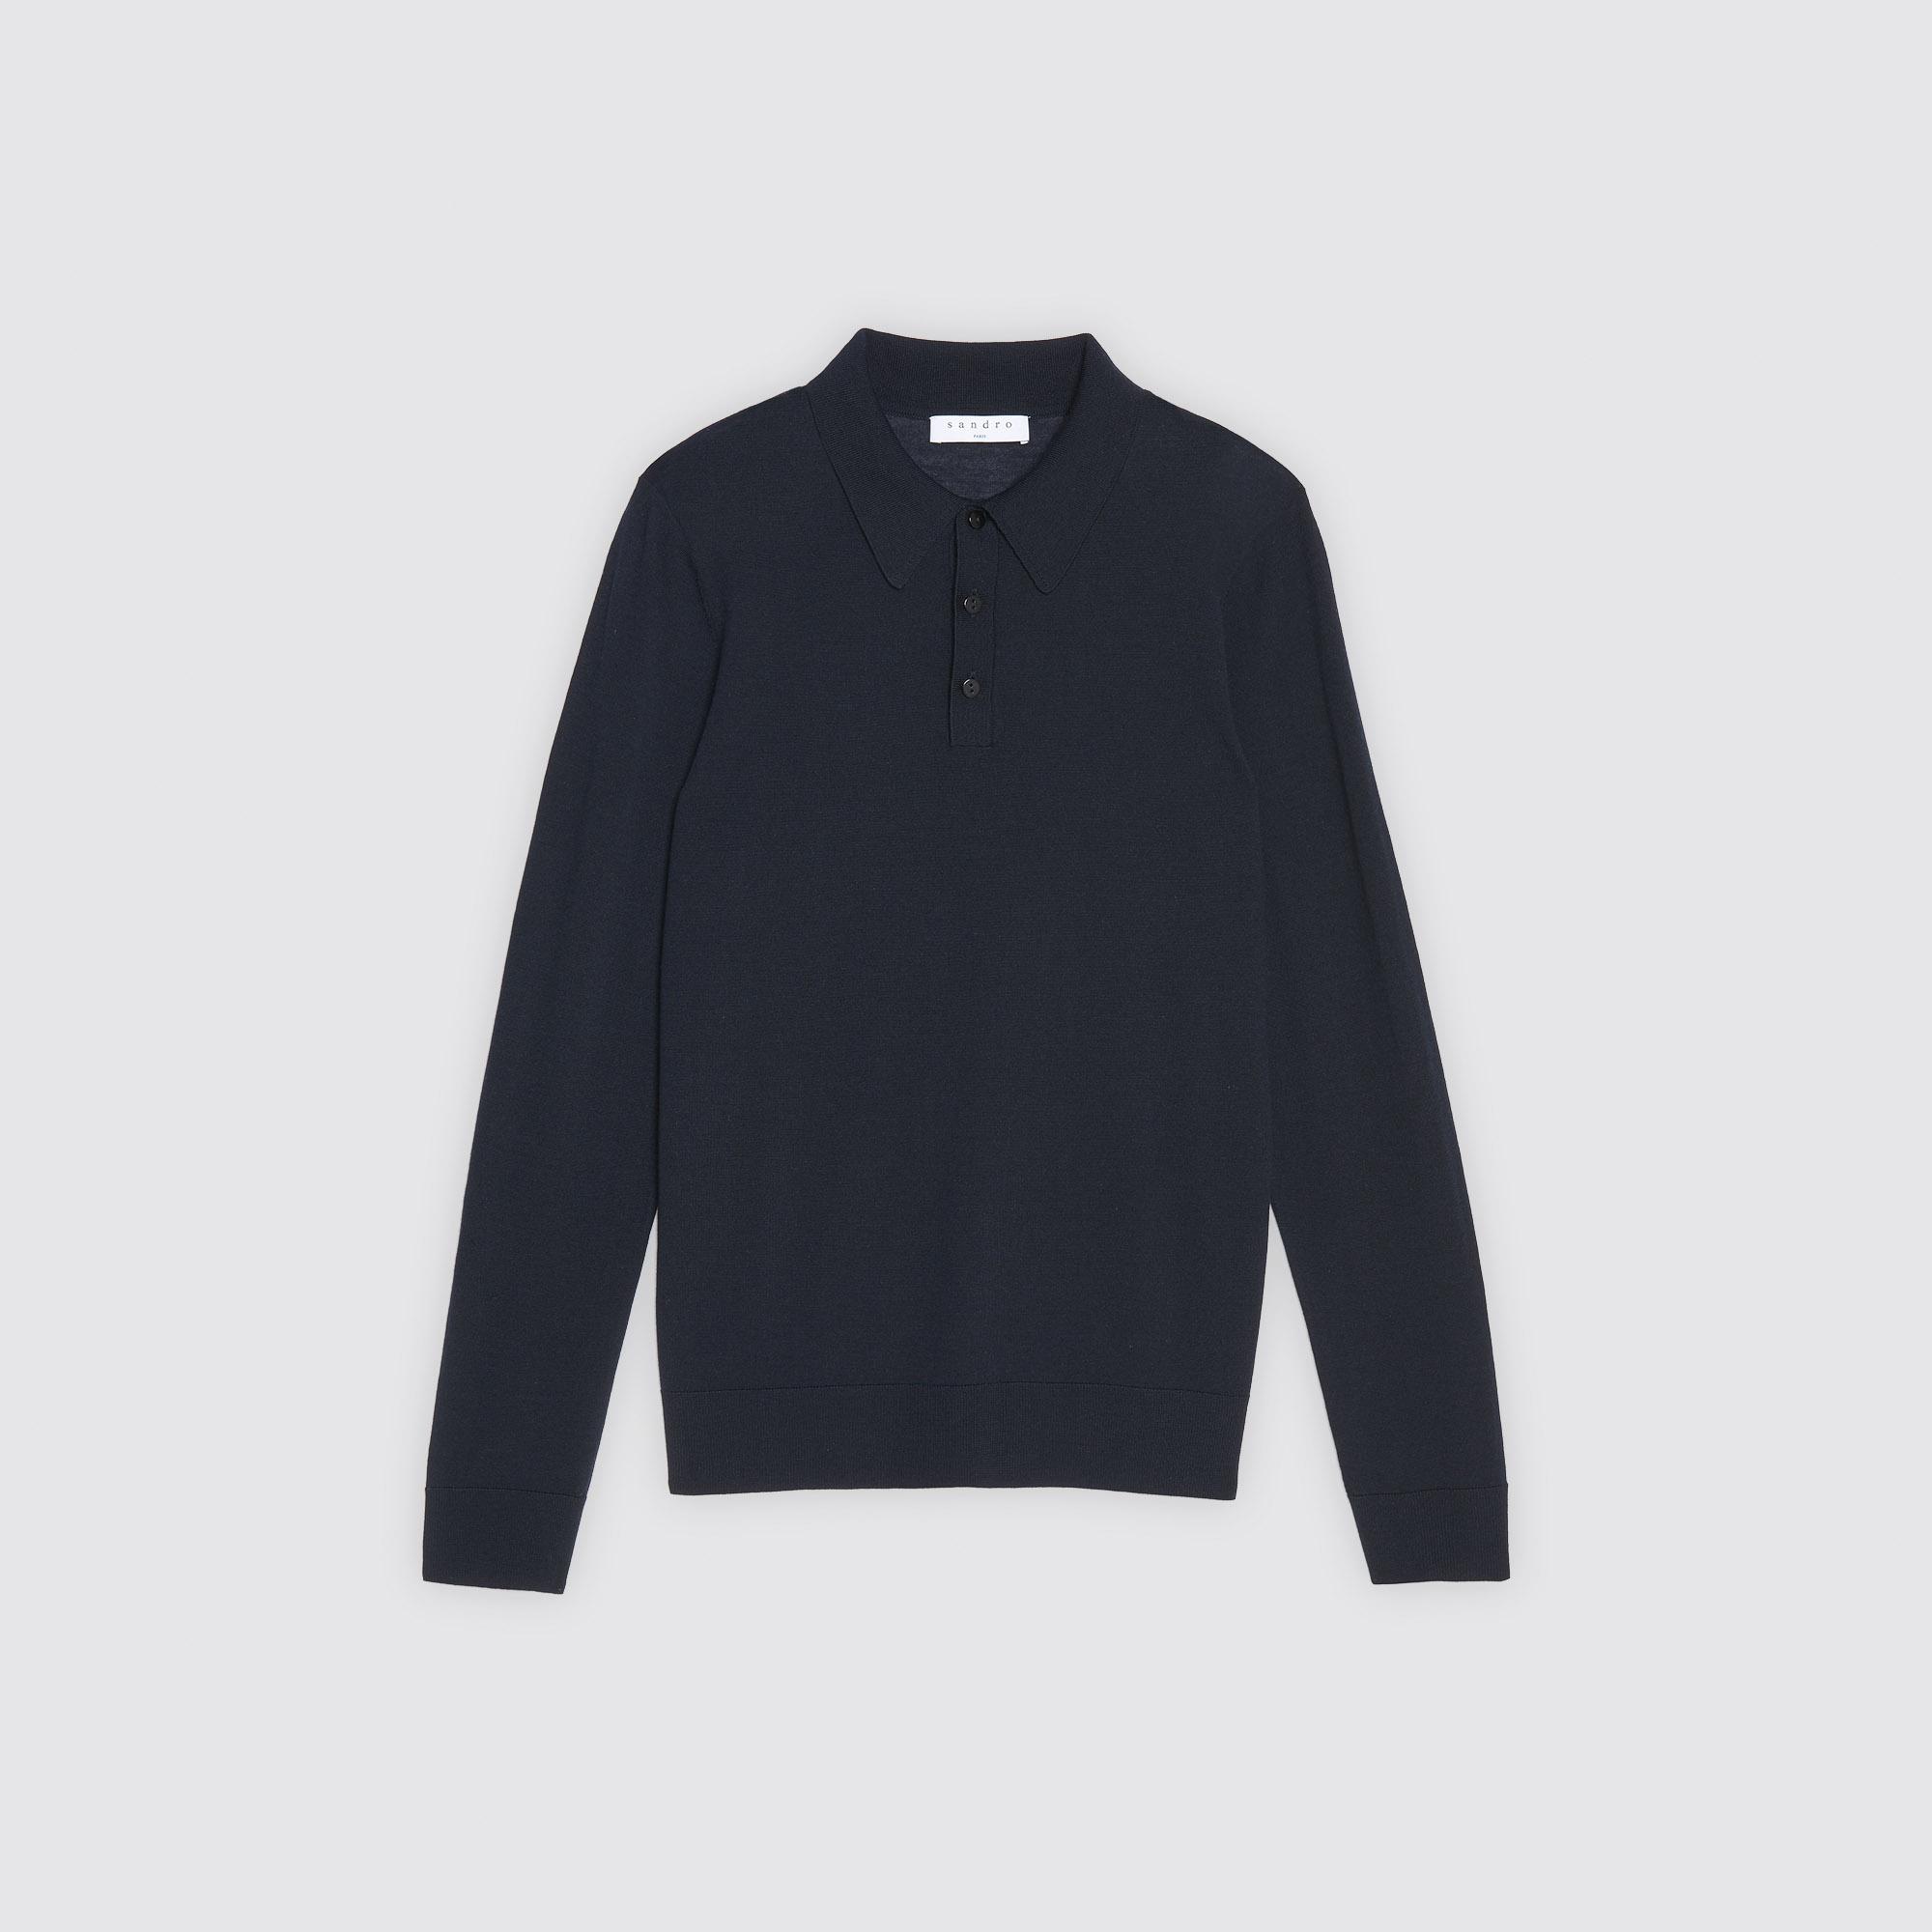 Pullover sottile stile polo : Collezione Estiva colore Blu Marino